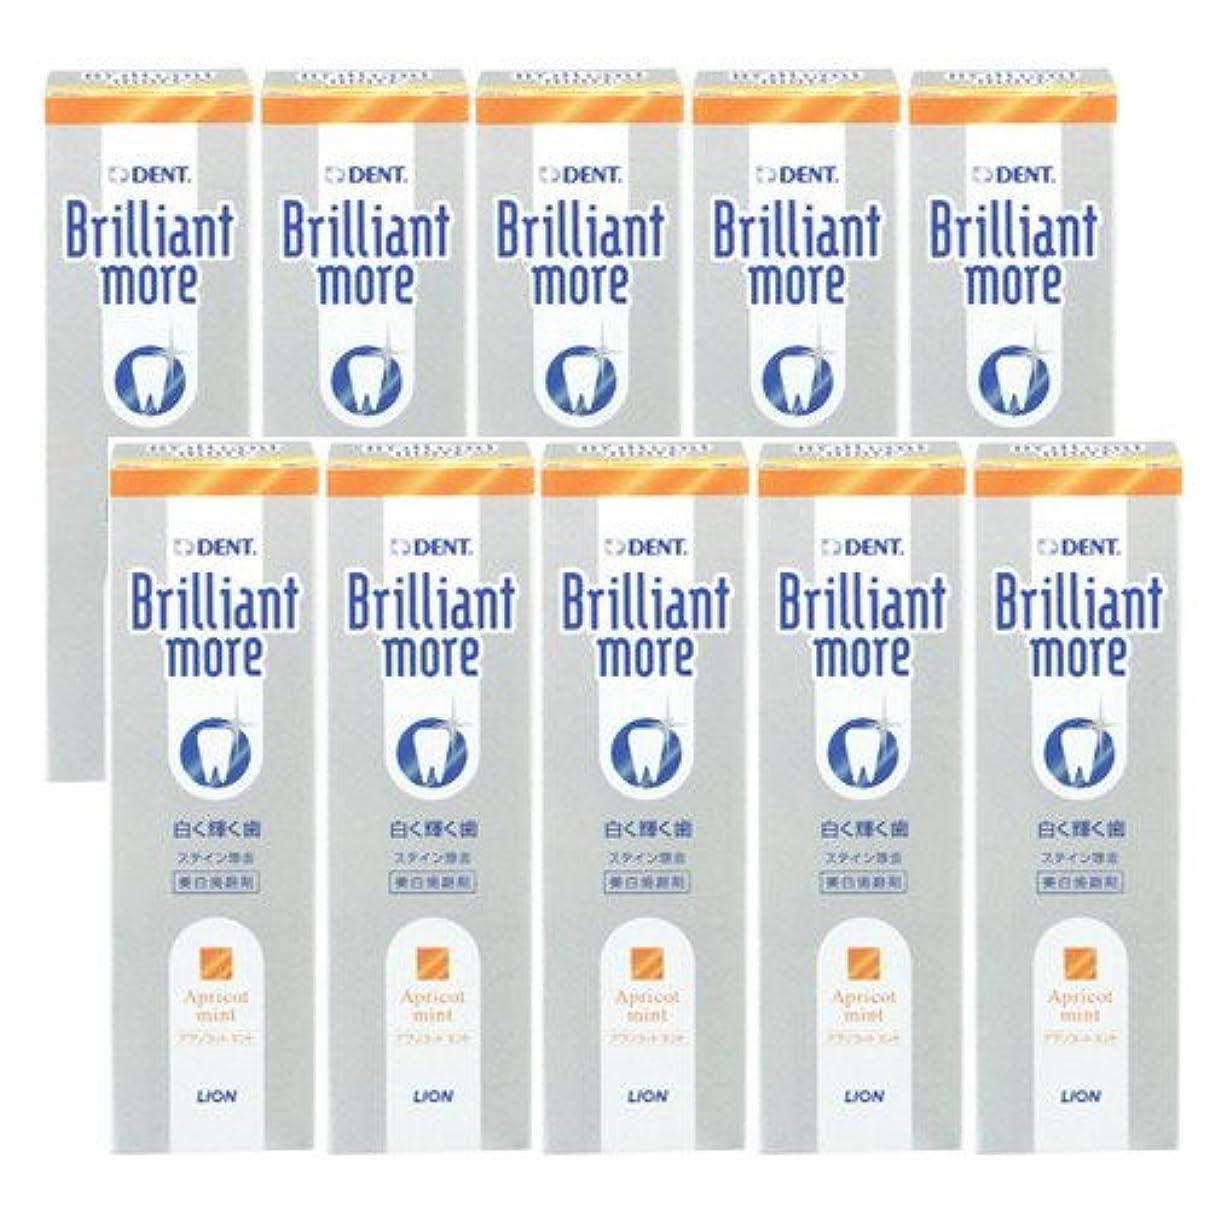 スカーフきつく増加するライオン ブリリアントモア アプリコットミント 美白歯磨剤 LION Brilliant more 10本セット